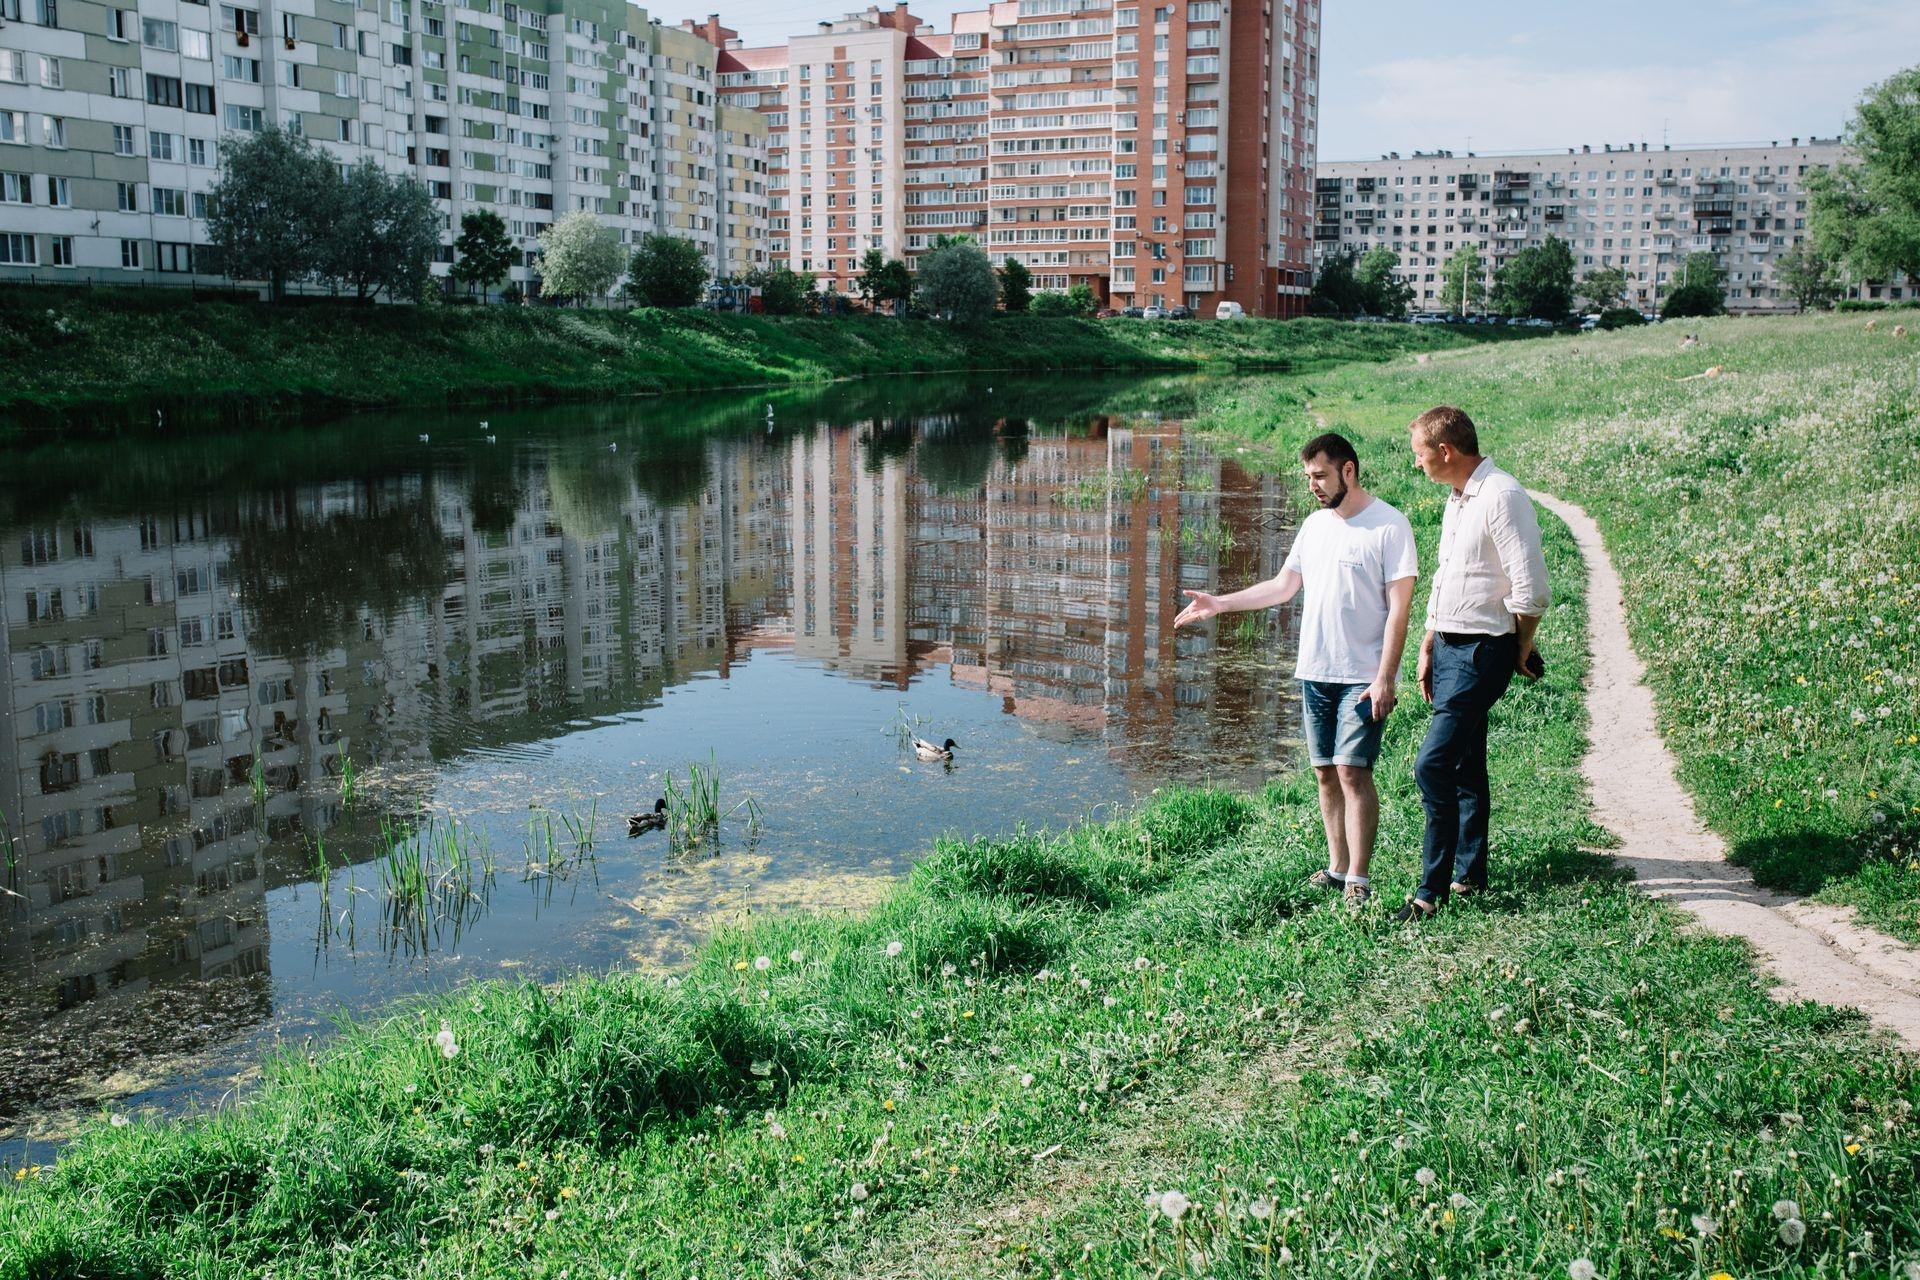 Фото предоставлено пресс-службой партии «Новые люди»